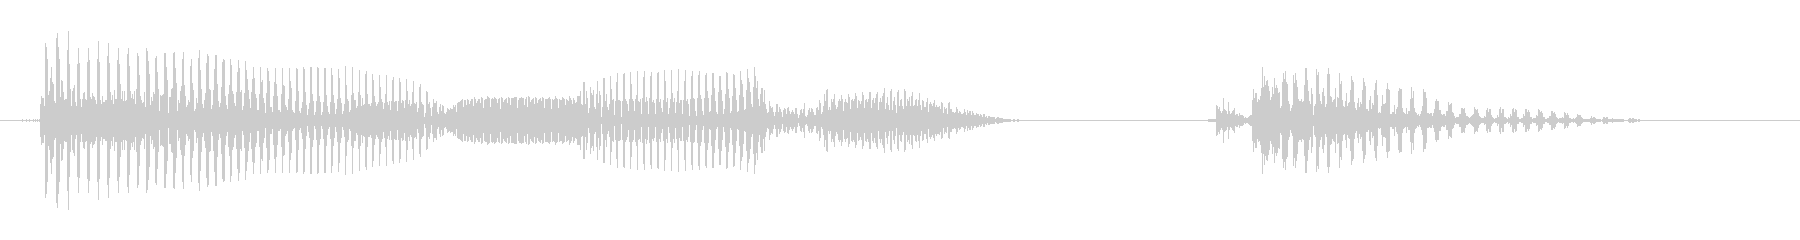 """""""Aomori Prefecture"""" (Aomoriken) 02's unreproduced waveform"""